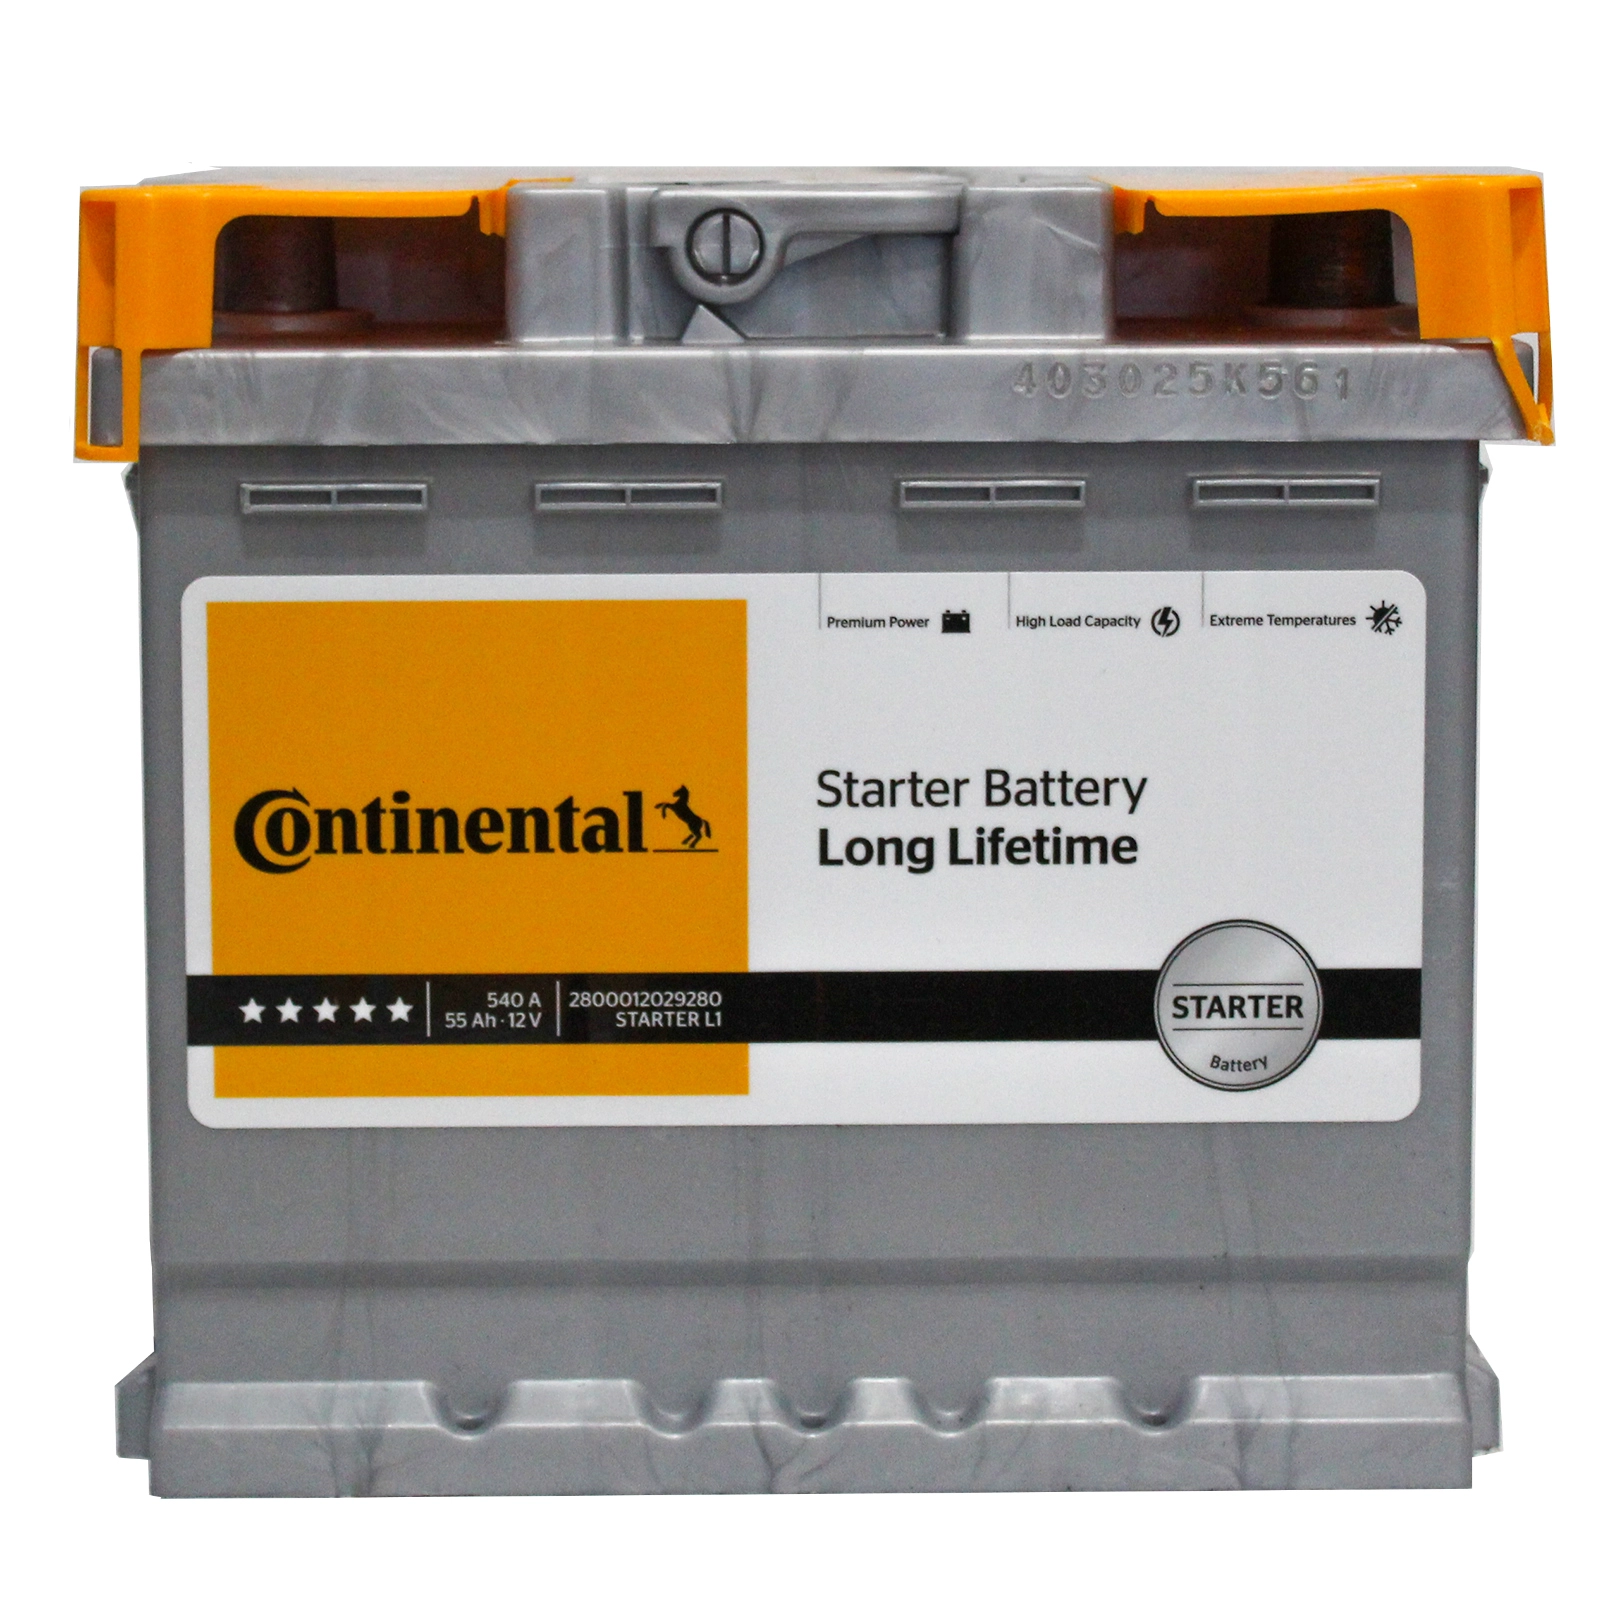 Batteria Continental 55Ah 540A 2800012029280 L1